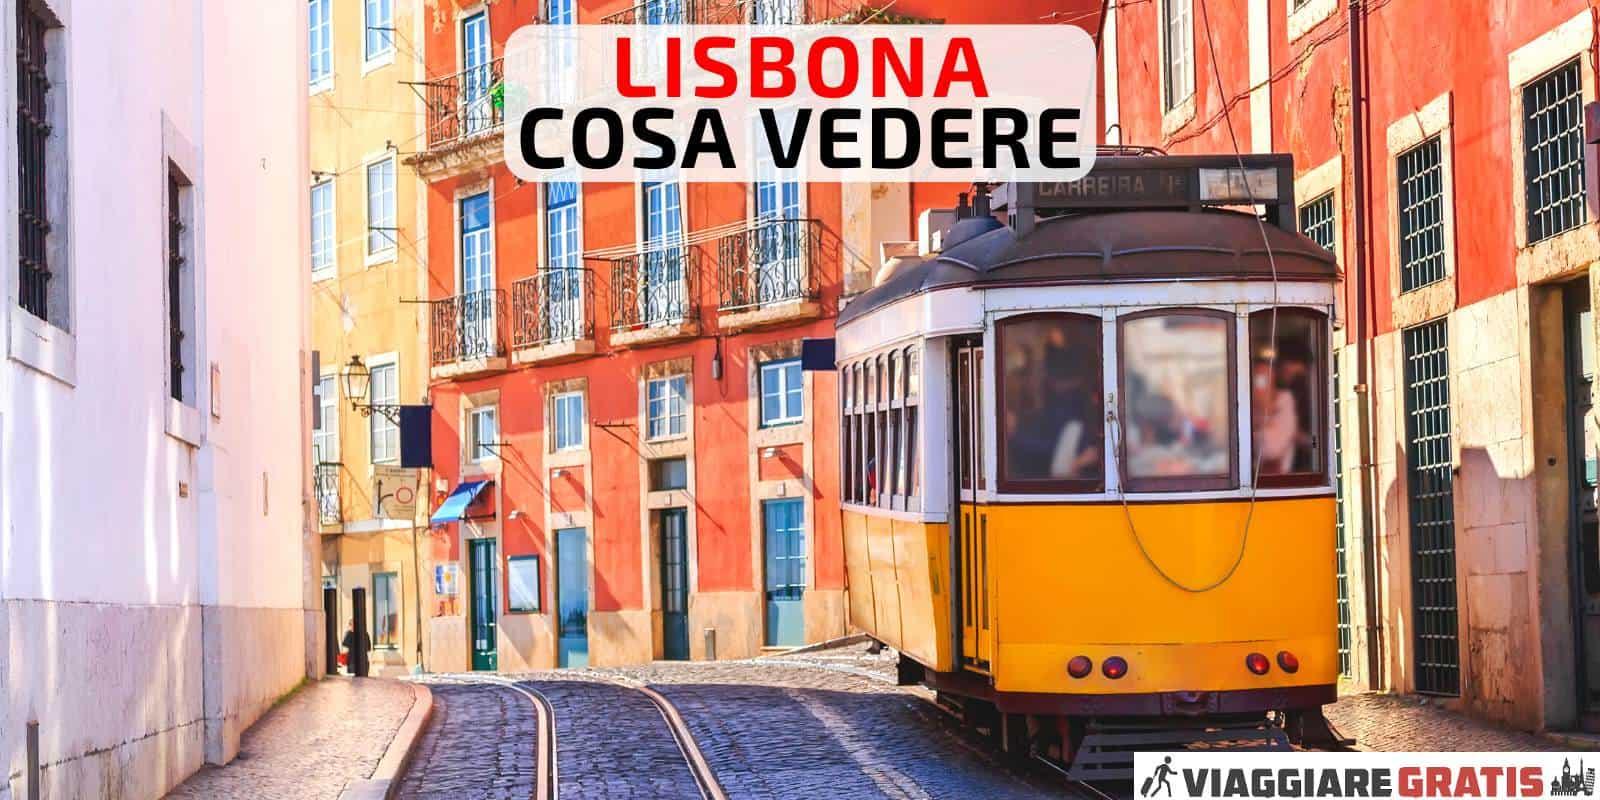 Portogallo 🇵🇹 - cover